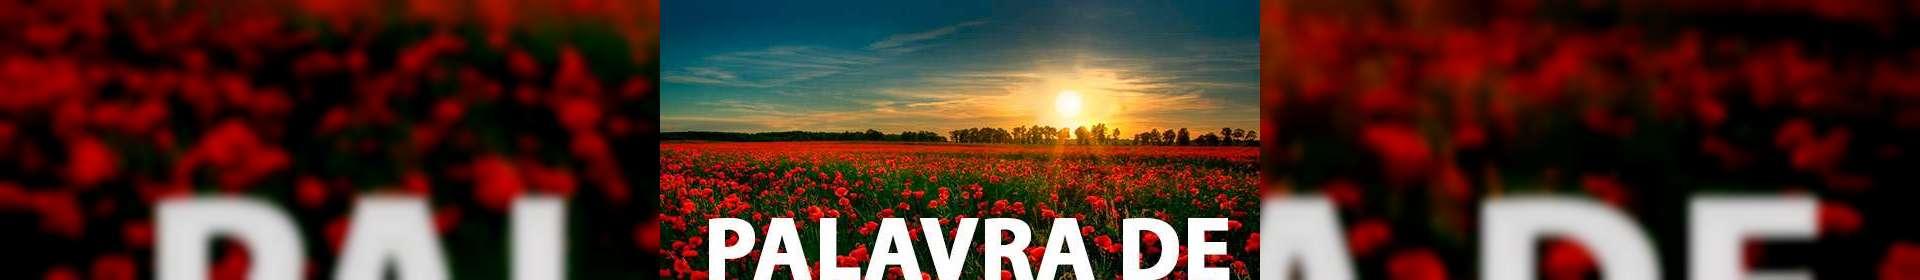 Isaías 51:14 - Uma Palavra de Esperança para sua vida